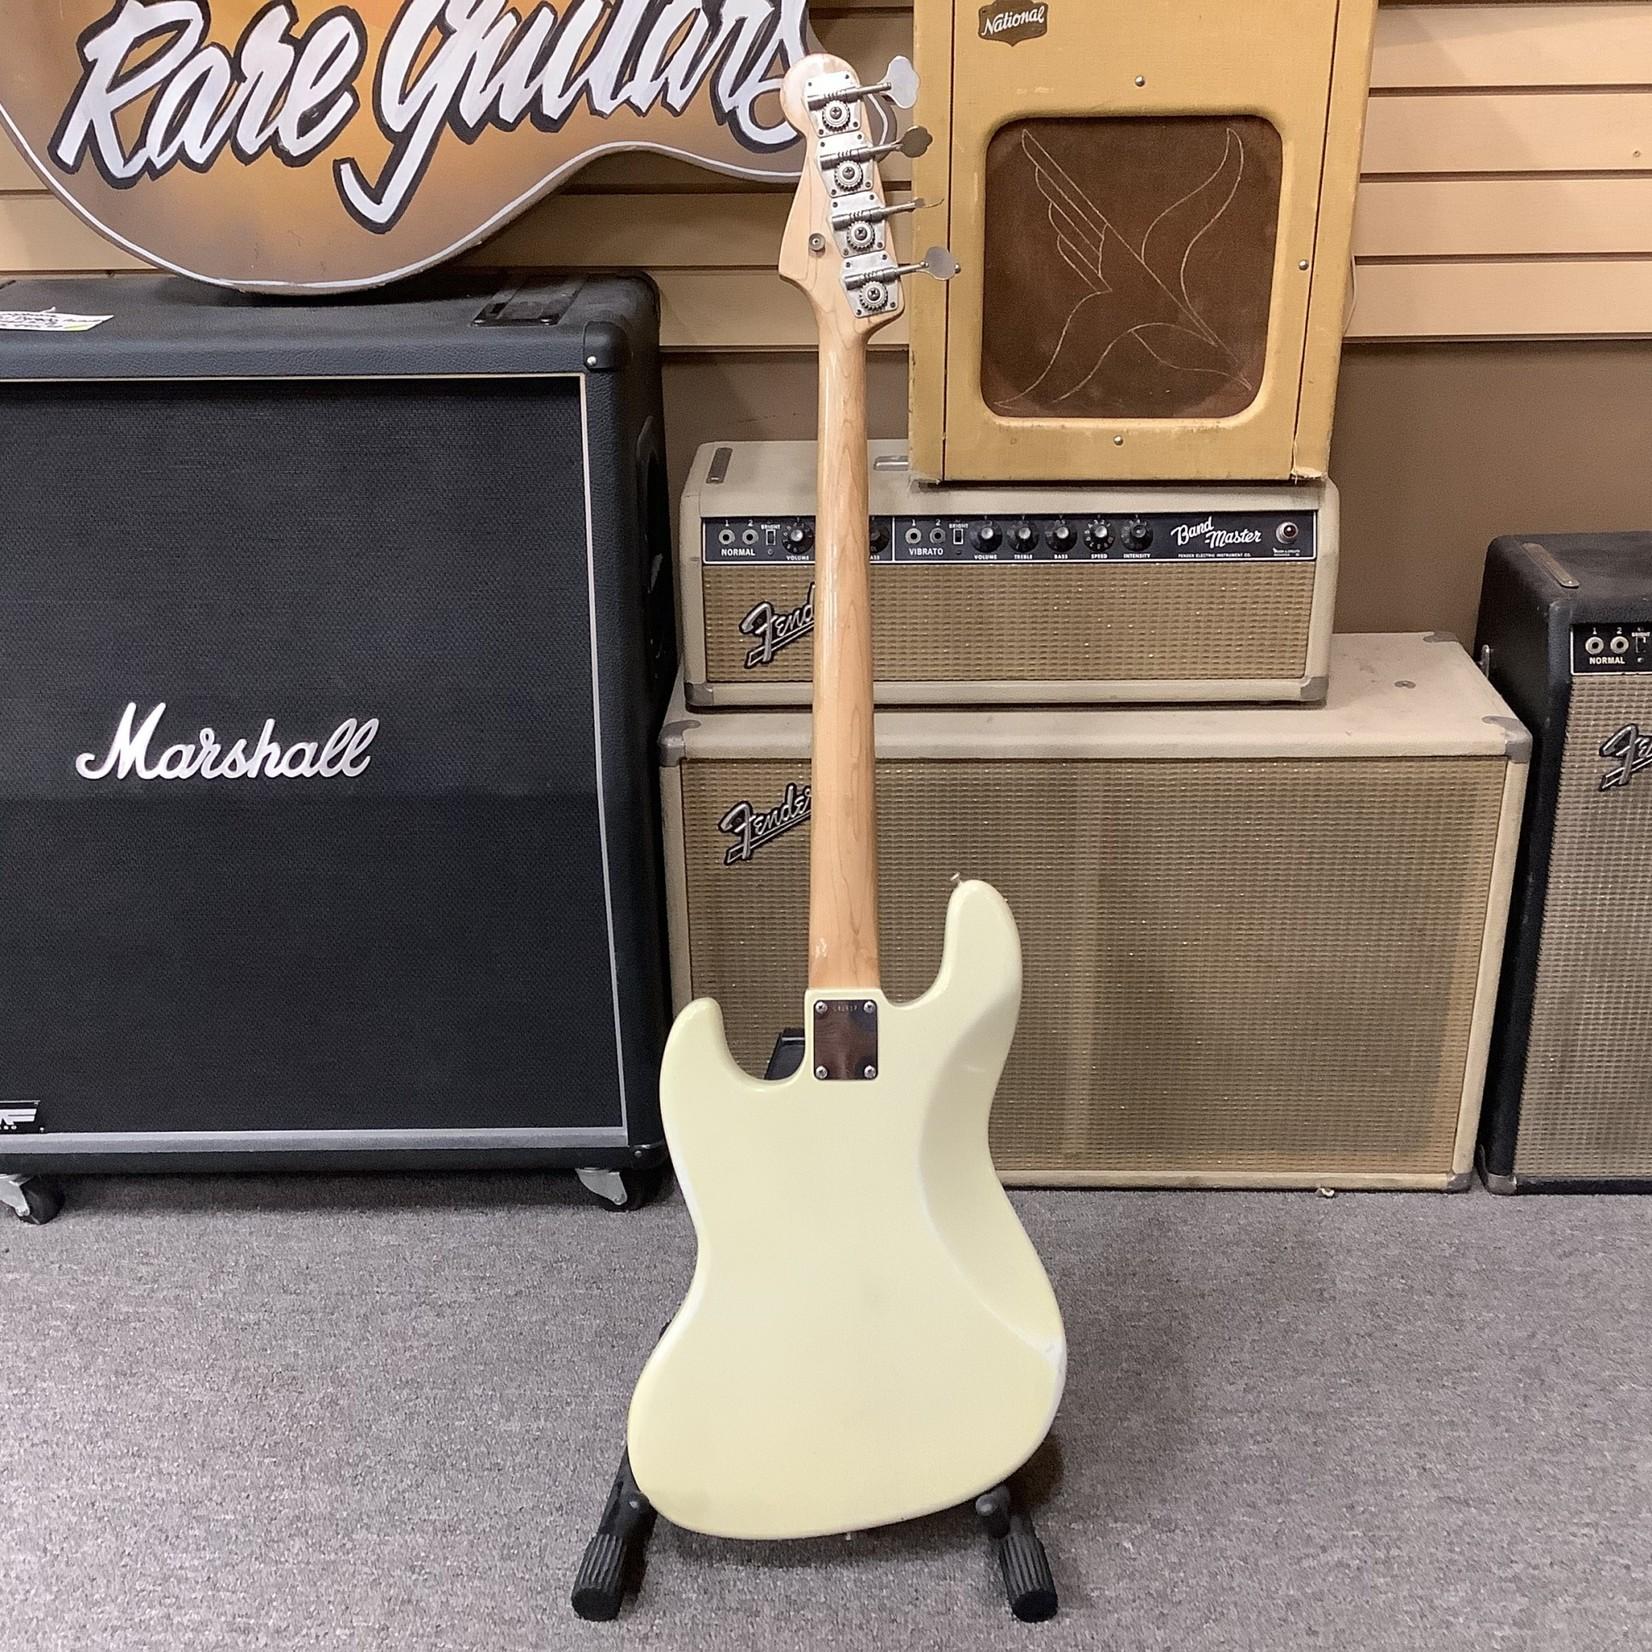 Fender 1965 Fender Jazz Bass White Matching Headstock, Dot Neck